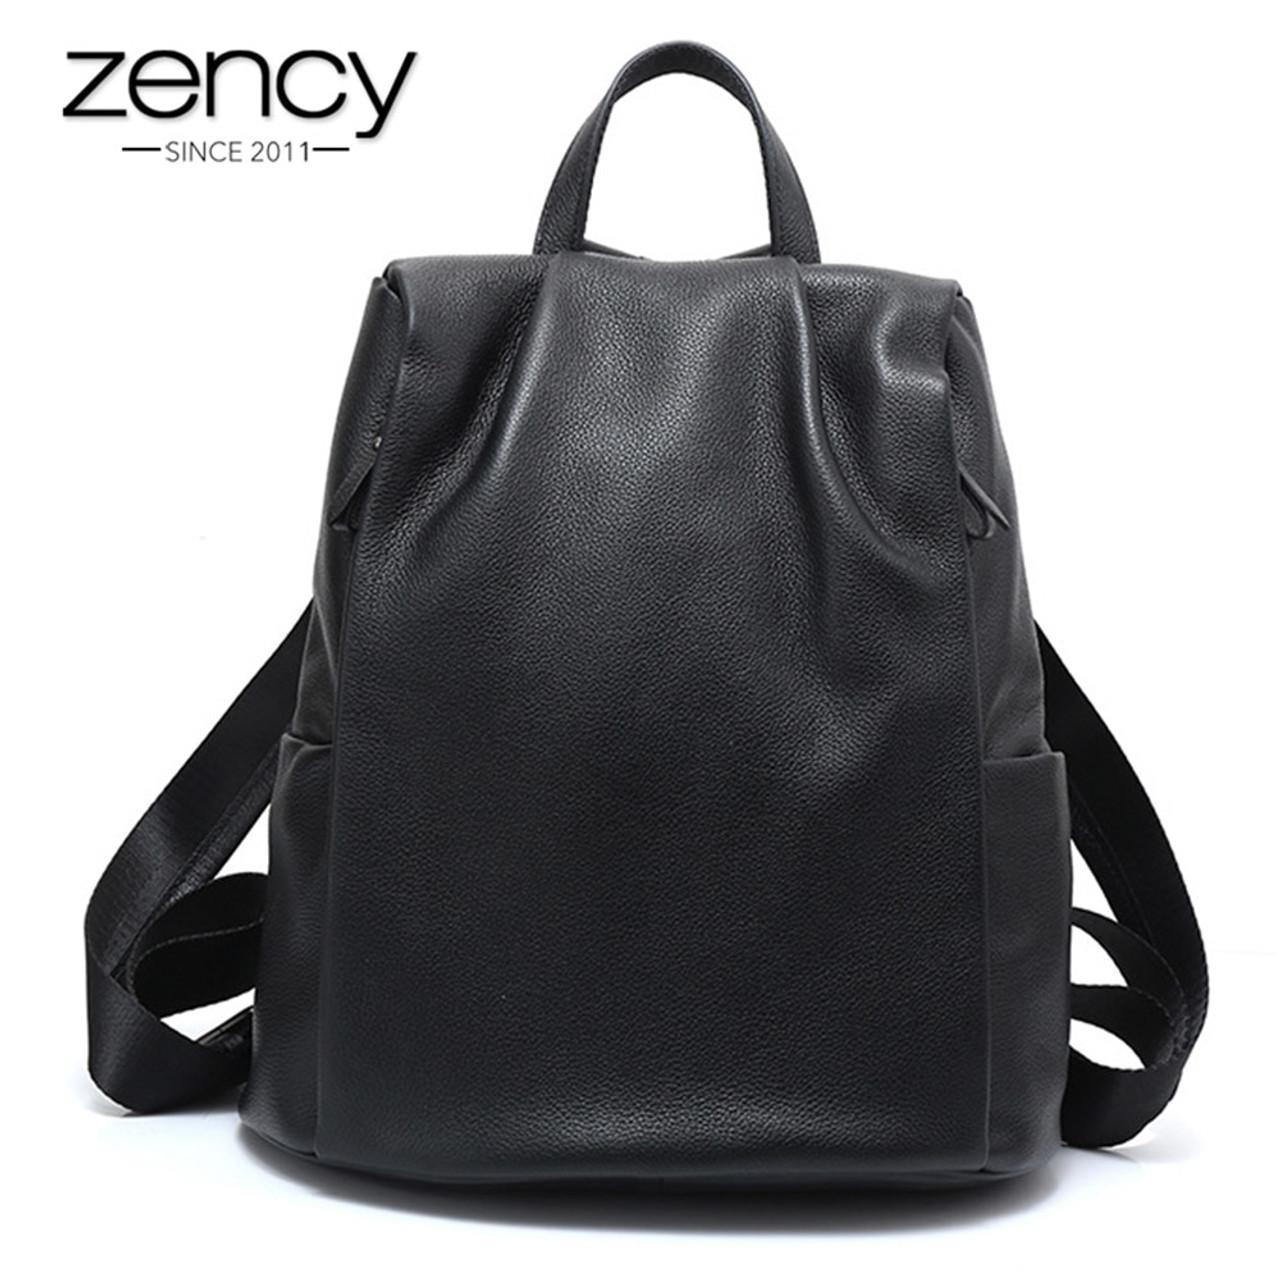 013bbf1bab Zency New Black Women Backpack 100% Genuine Leather Practical Travel Bag  Big Schoolbag For Girls Fashion Female Knapsack Laptop - OnshopDeals.Com